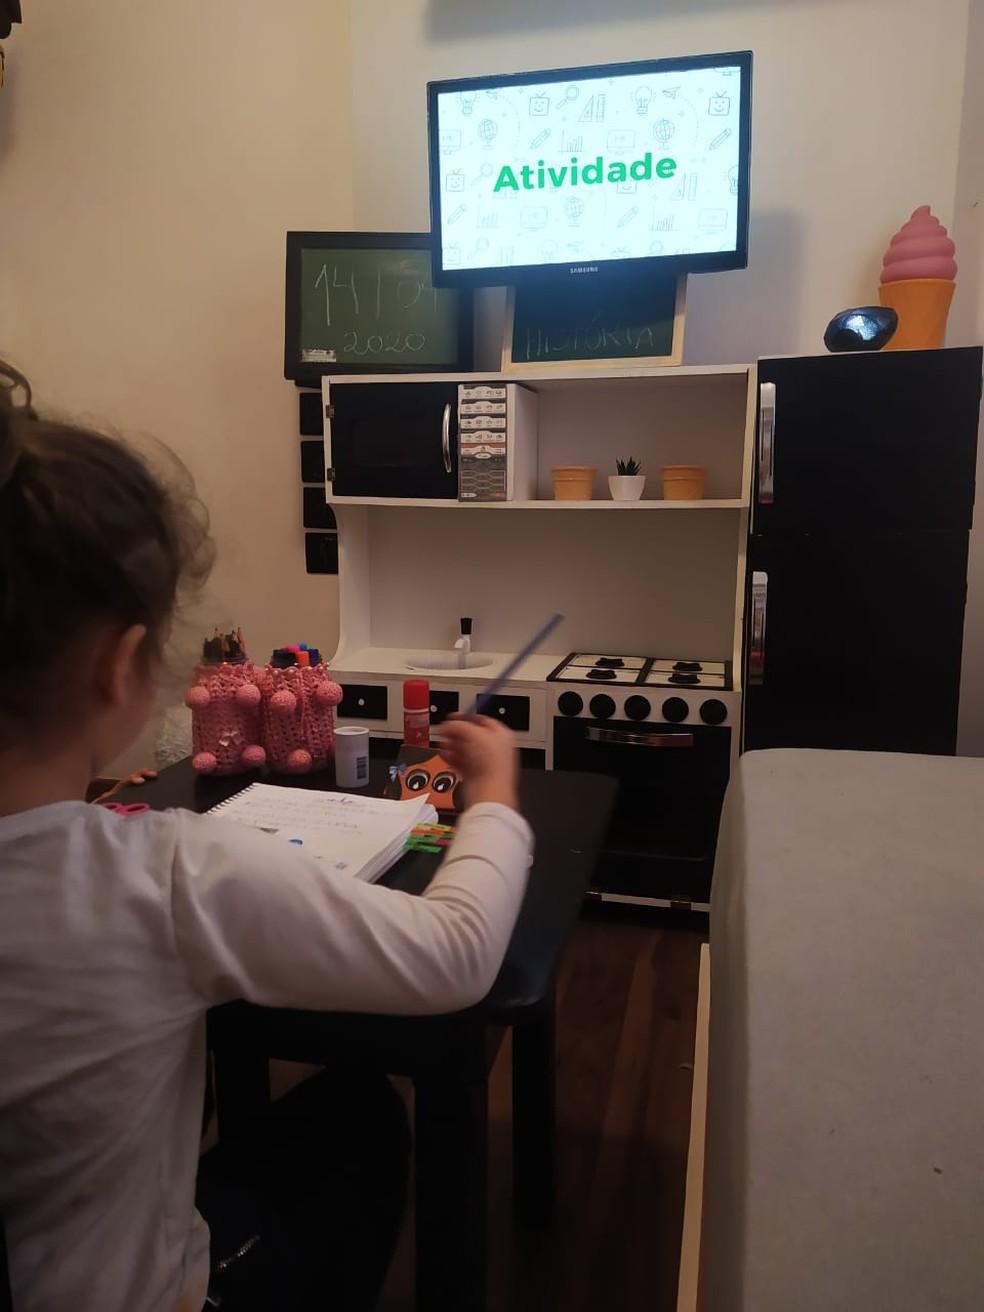 Profissionais da educação, alunos e mães de Curitiba relatam como é o aprendizado com novos métodos em meio à pandemia — Foto: Arquivo pessoal/Pâmela Kosowski Sapala